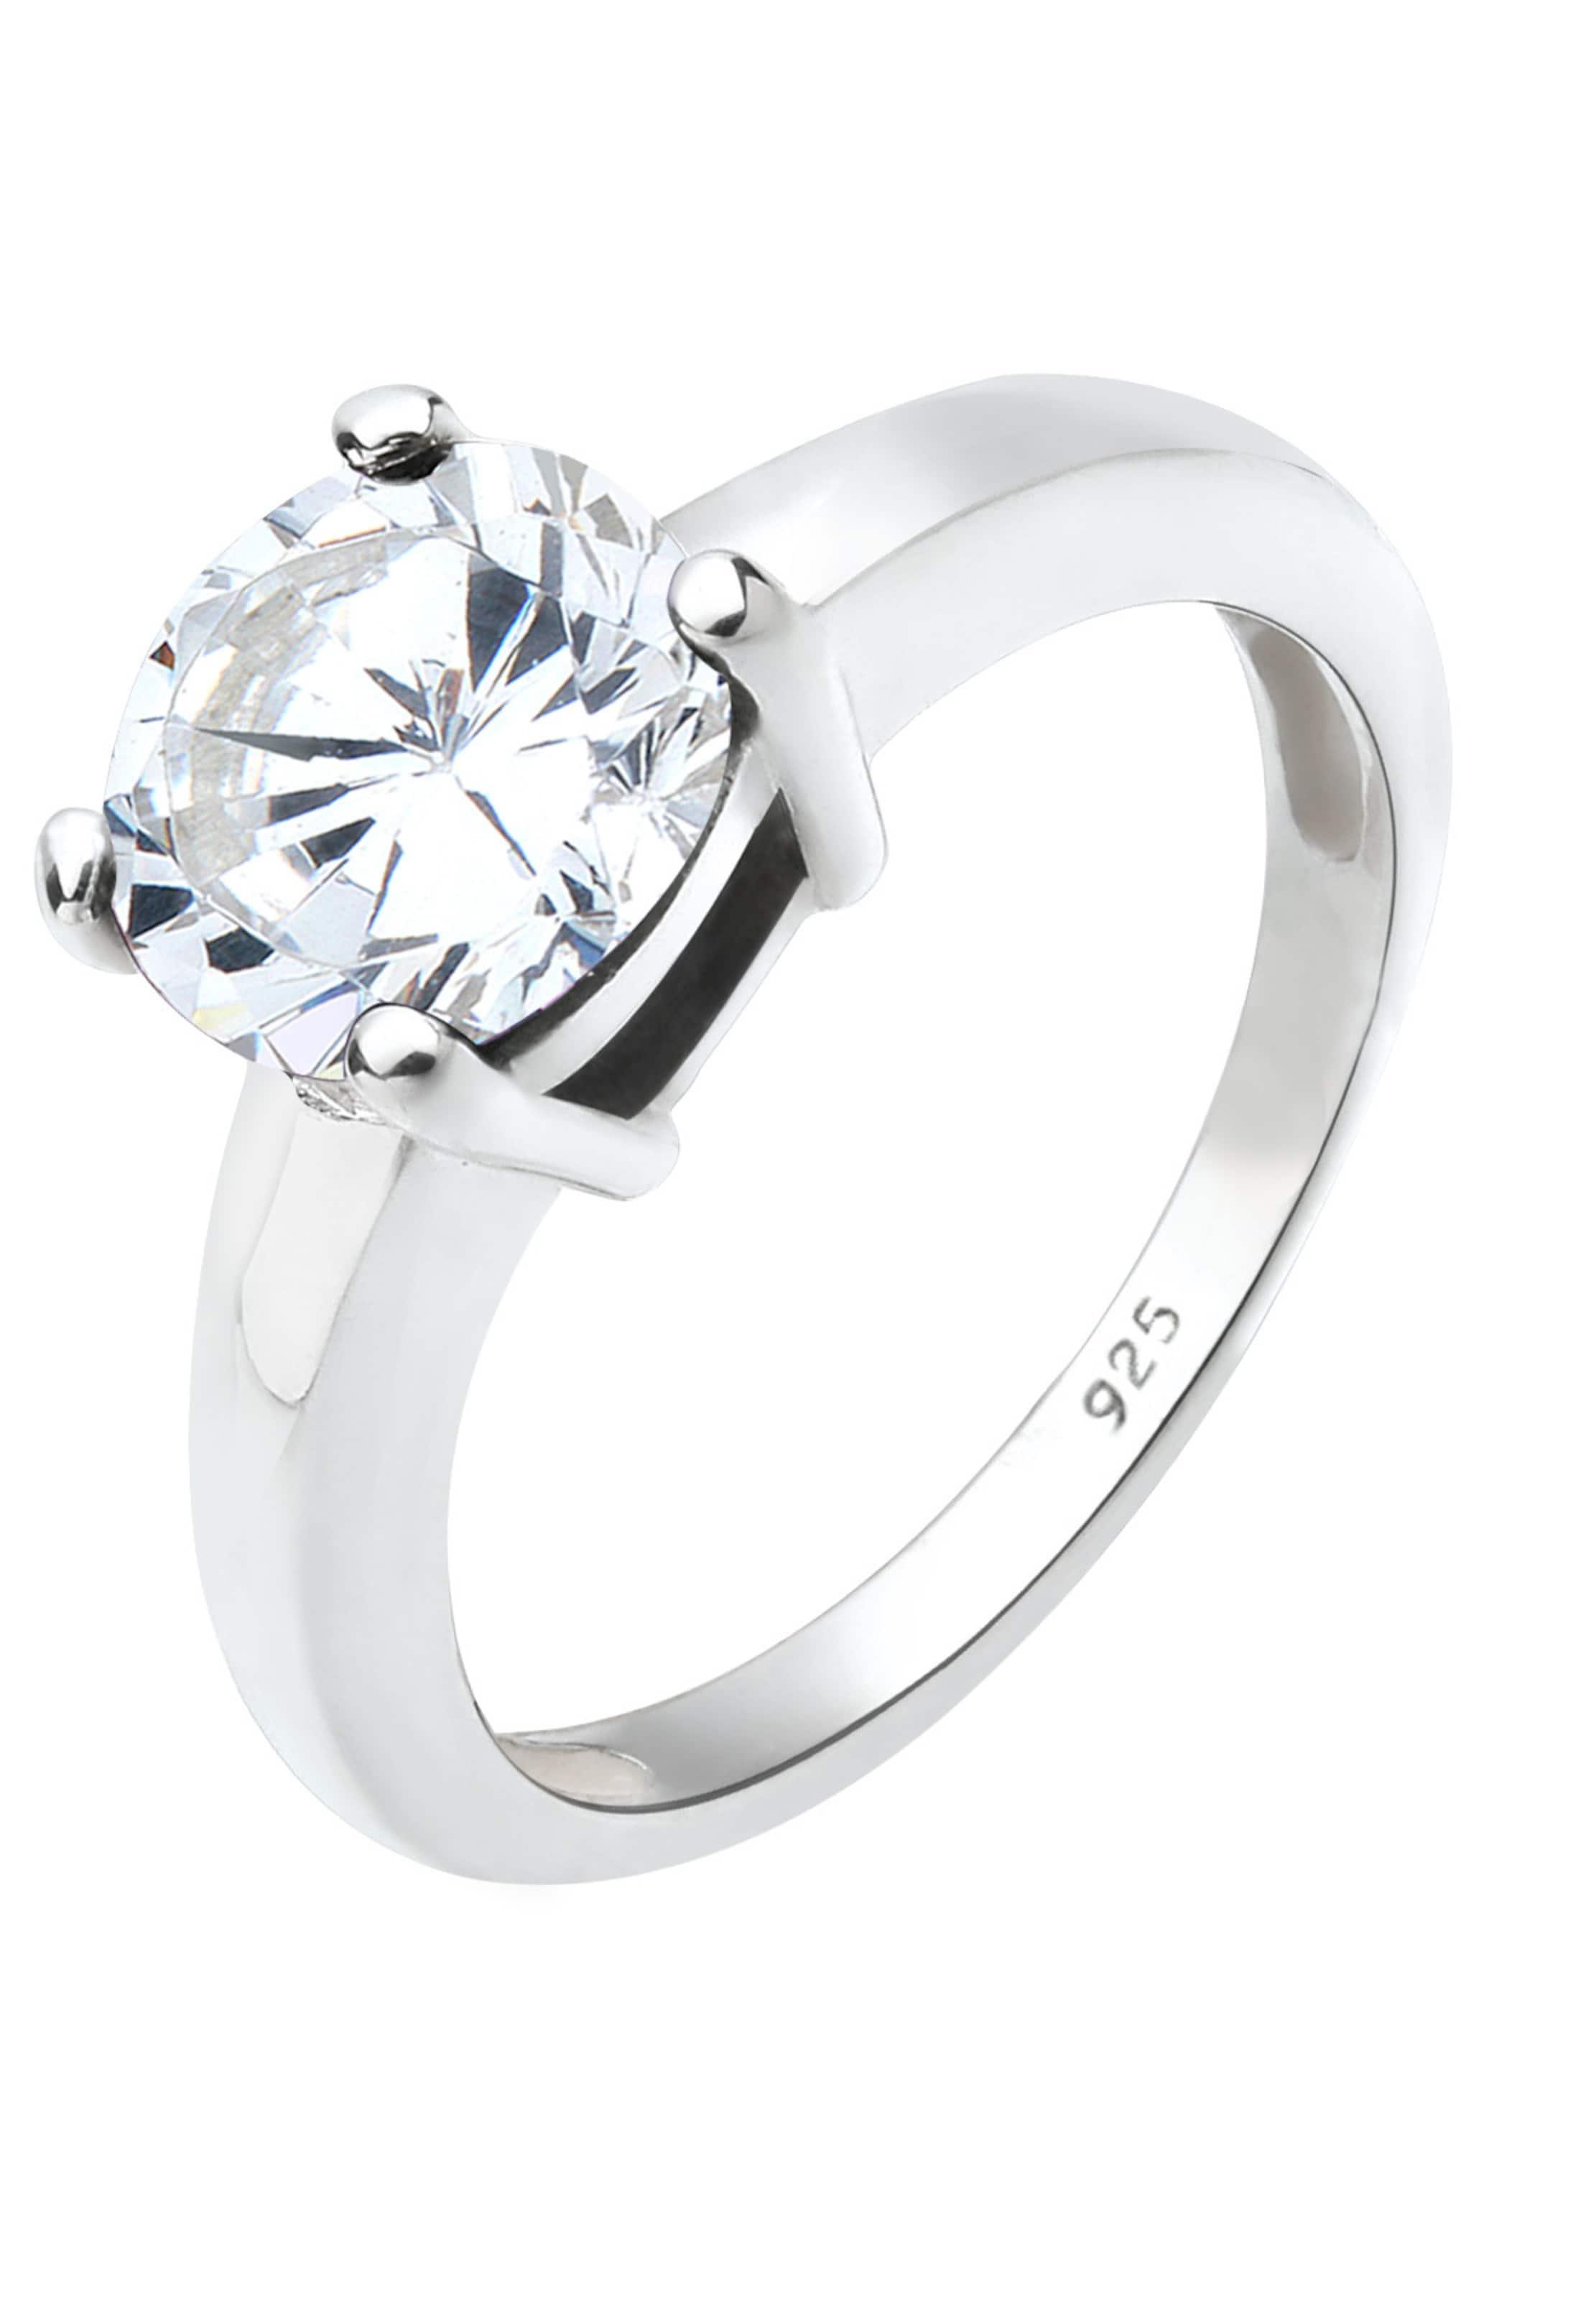 In Weiß Ring Weiß Elli Elli Elli Weiß Elli Ring Ring In Ring In mN80vnw